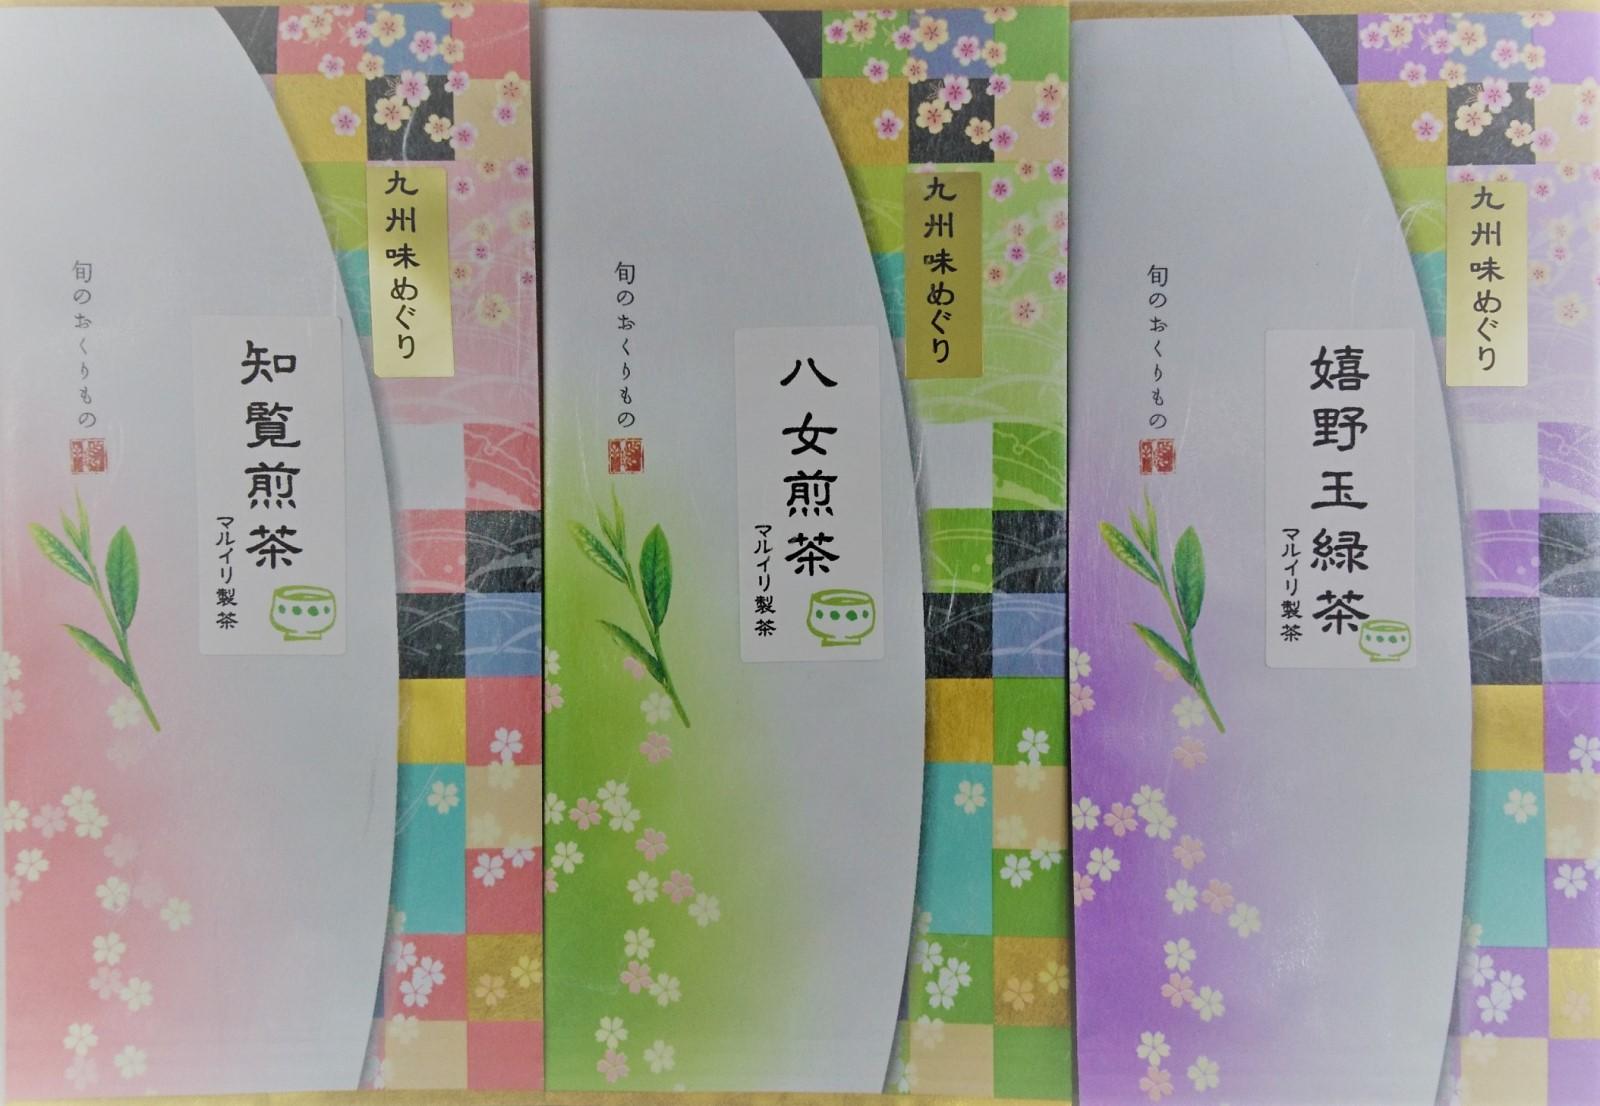 【ネコポス送料無料】<br>九州味めぐり飲み比べセット